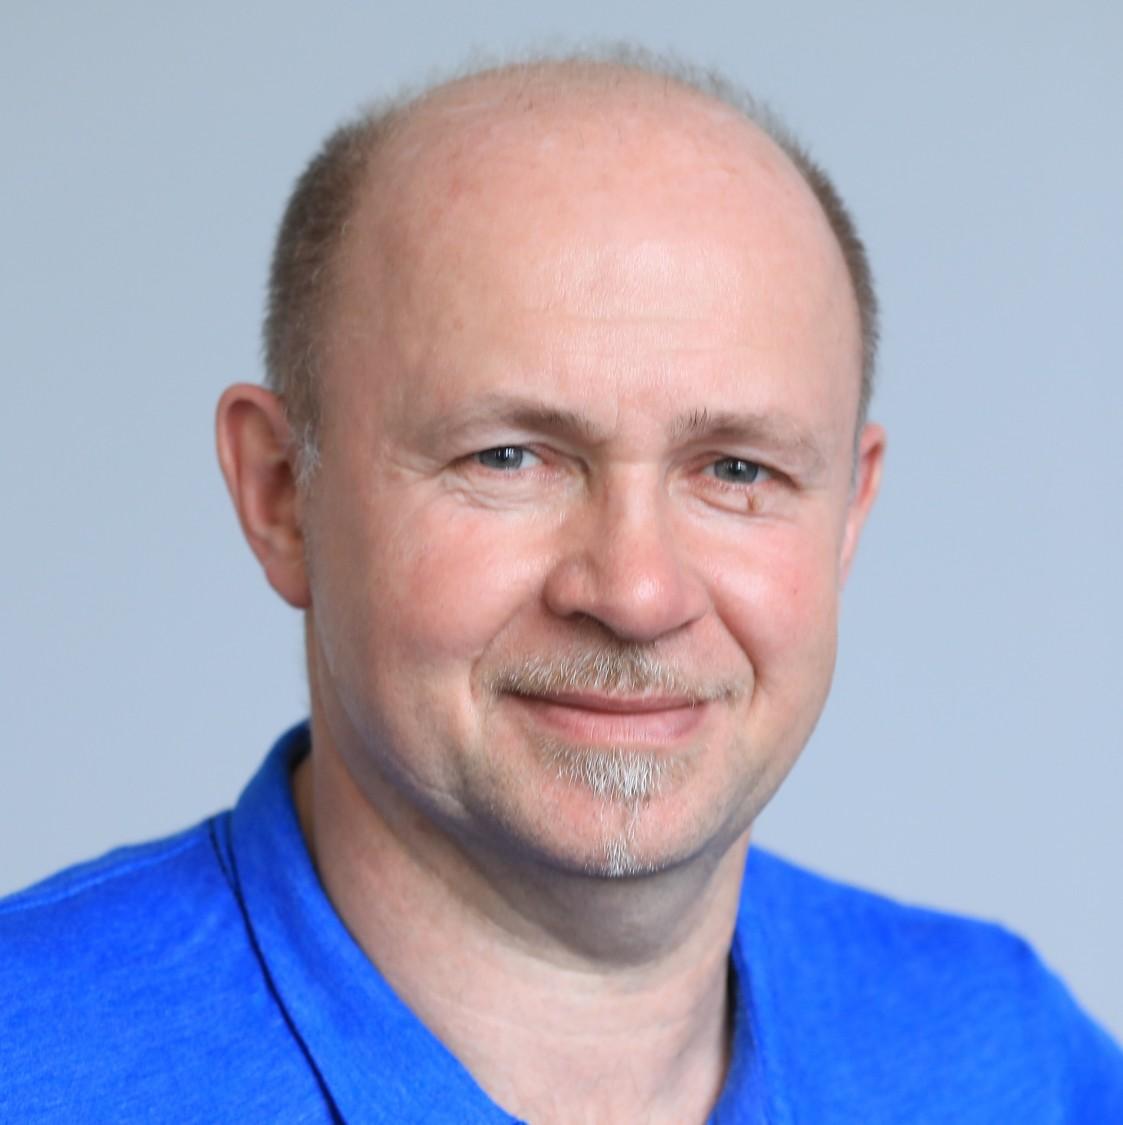 Holger Hanss